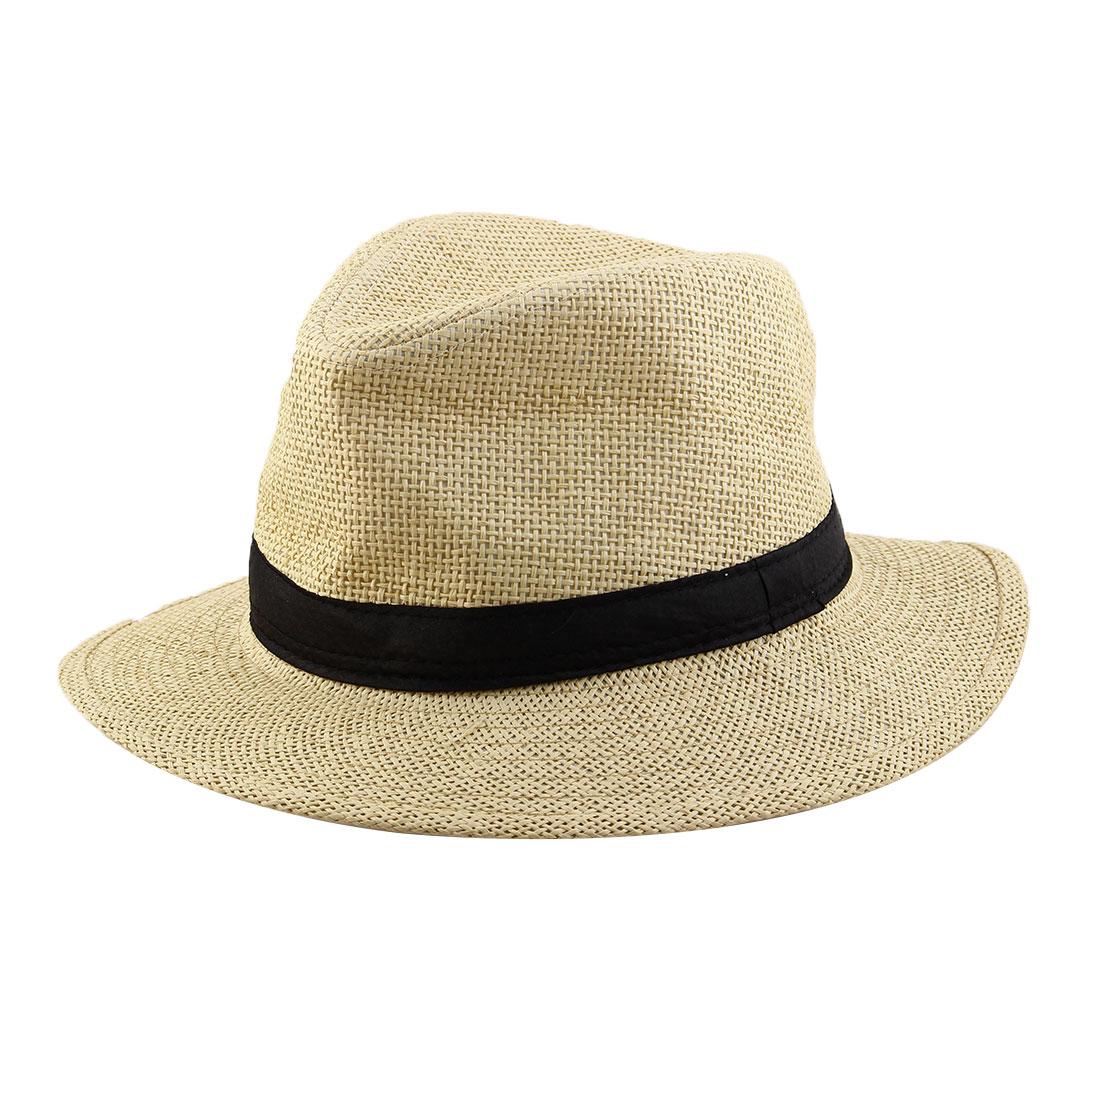 Summer Straw Braided Wide Brim Western Style Beach Sunhat Cowboy Hat Light Beige